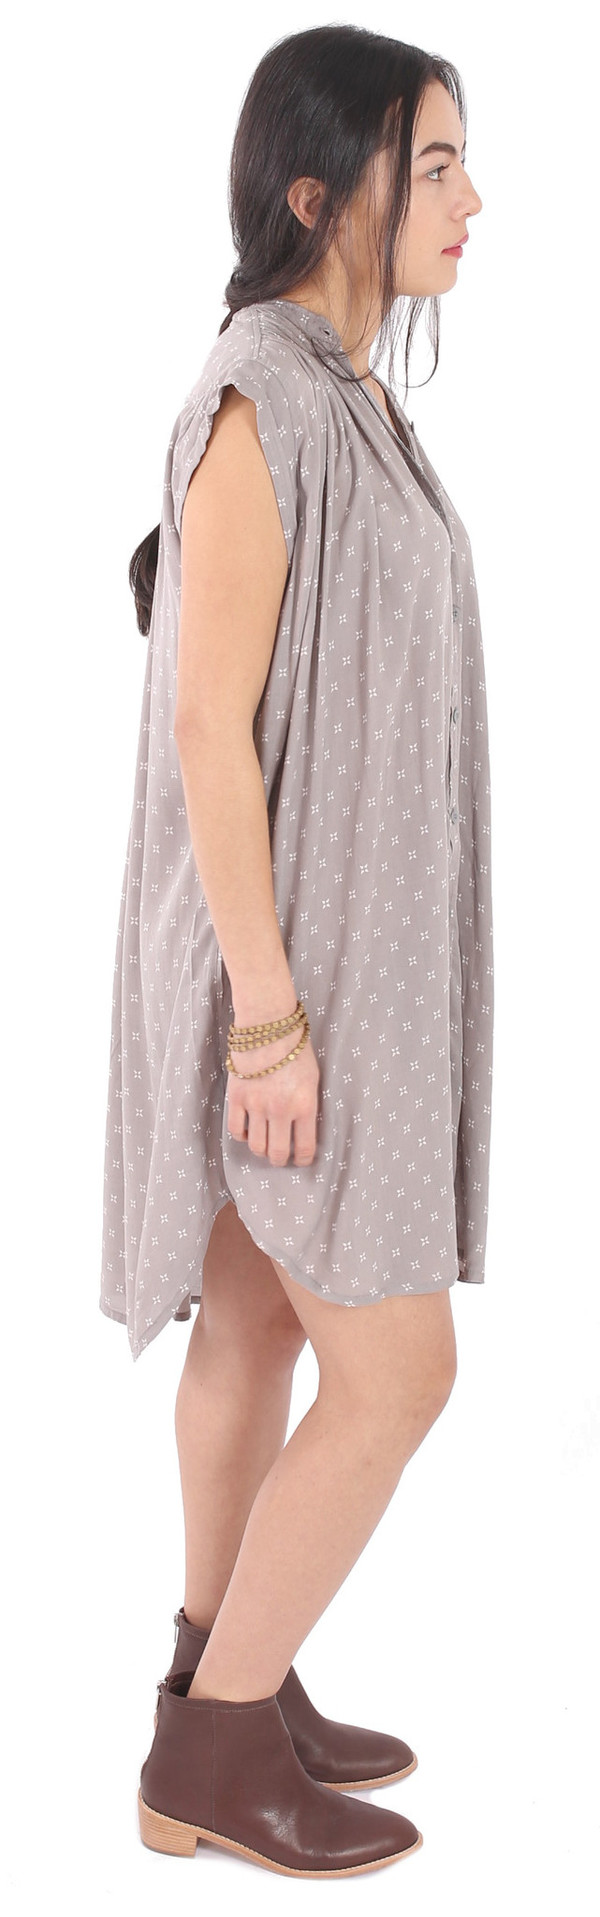 LILYA Fallen Dress